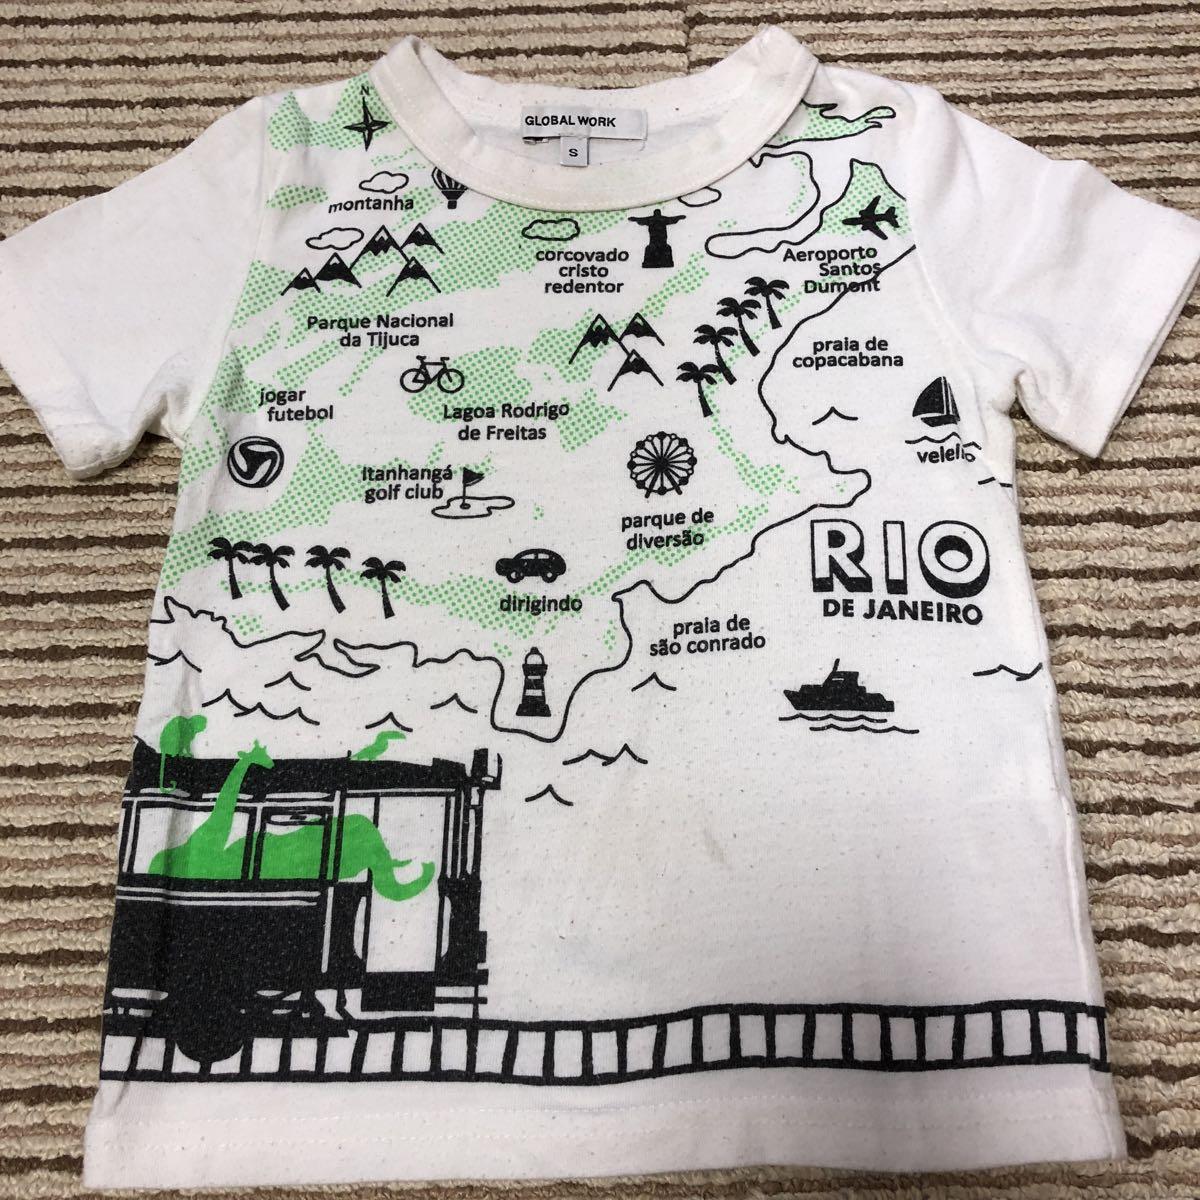 64d632502042f グローバルワークキッズ globalwork kids おしゃれな半袖Tシャツ S 90-95 地図 電車 列車